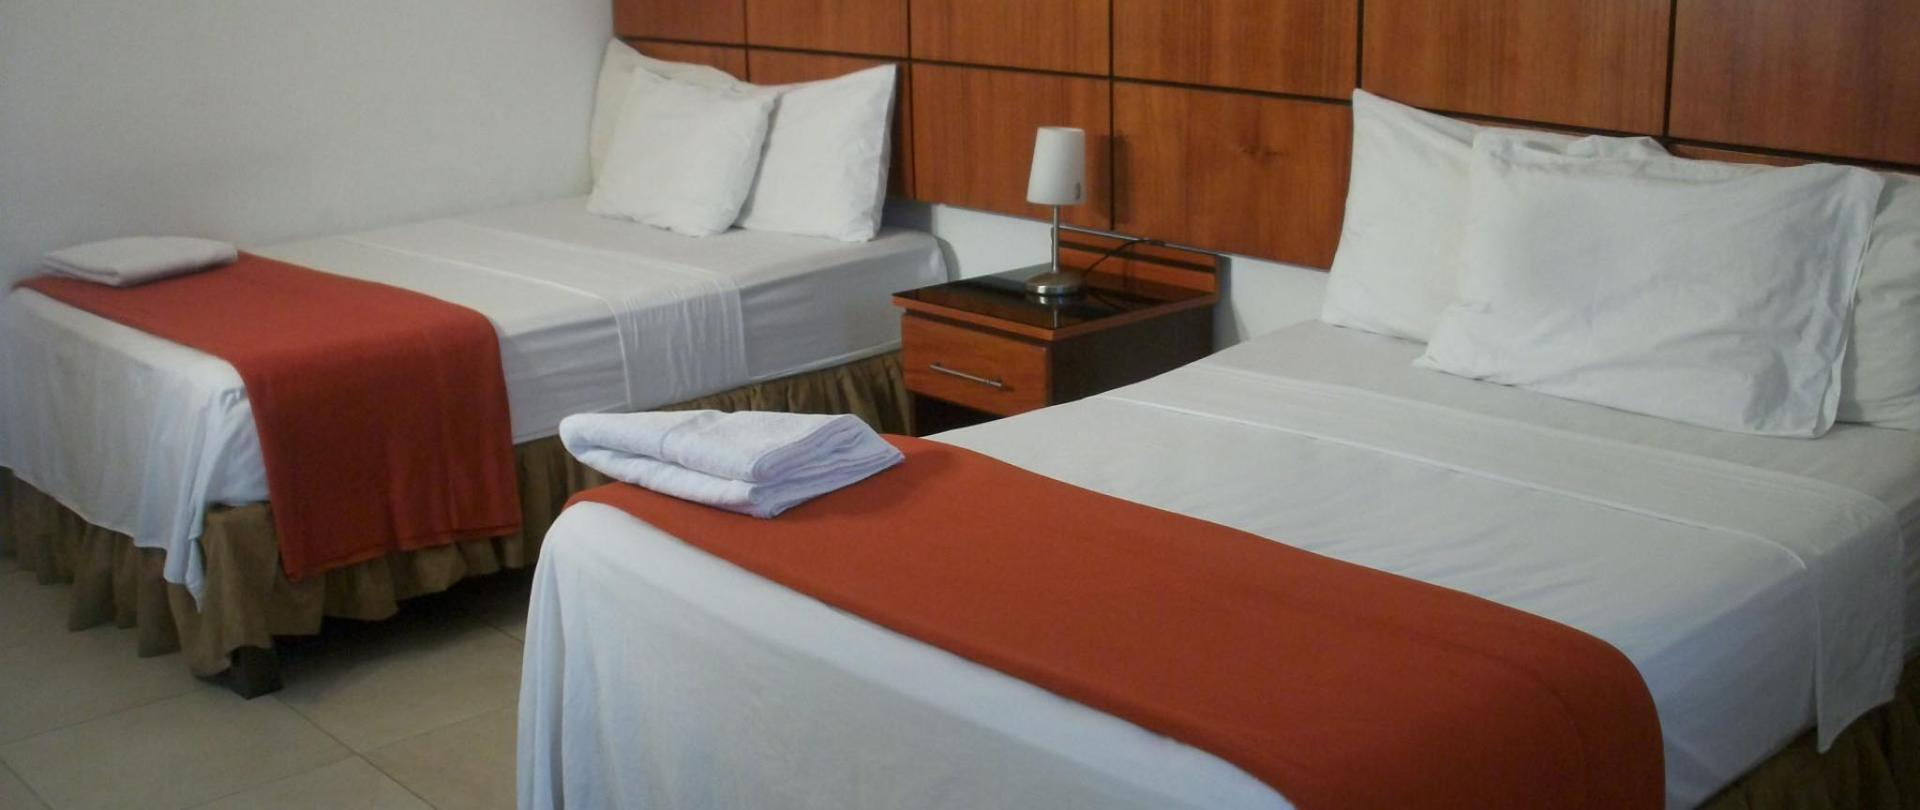 apart-suites-29.jpg